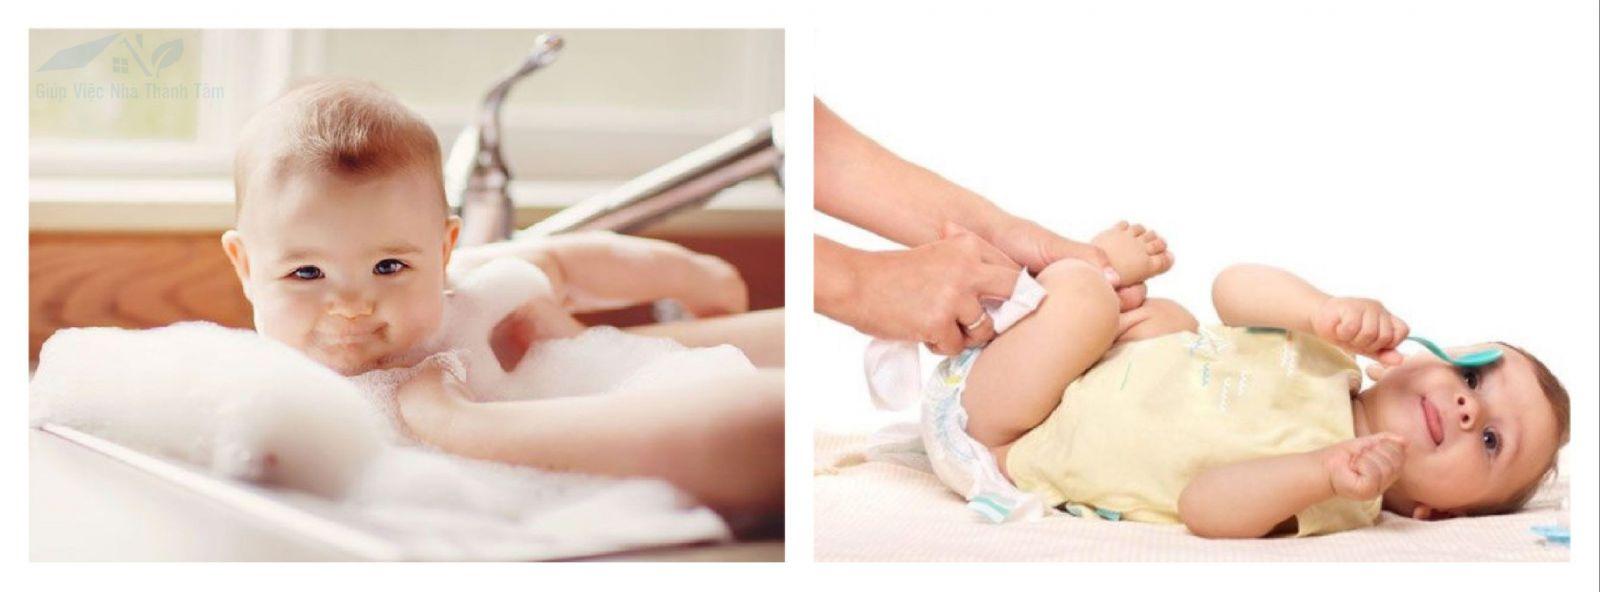 Cung ứng giúp việc chăm sóc em bé tại quận 10